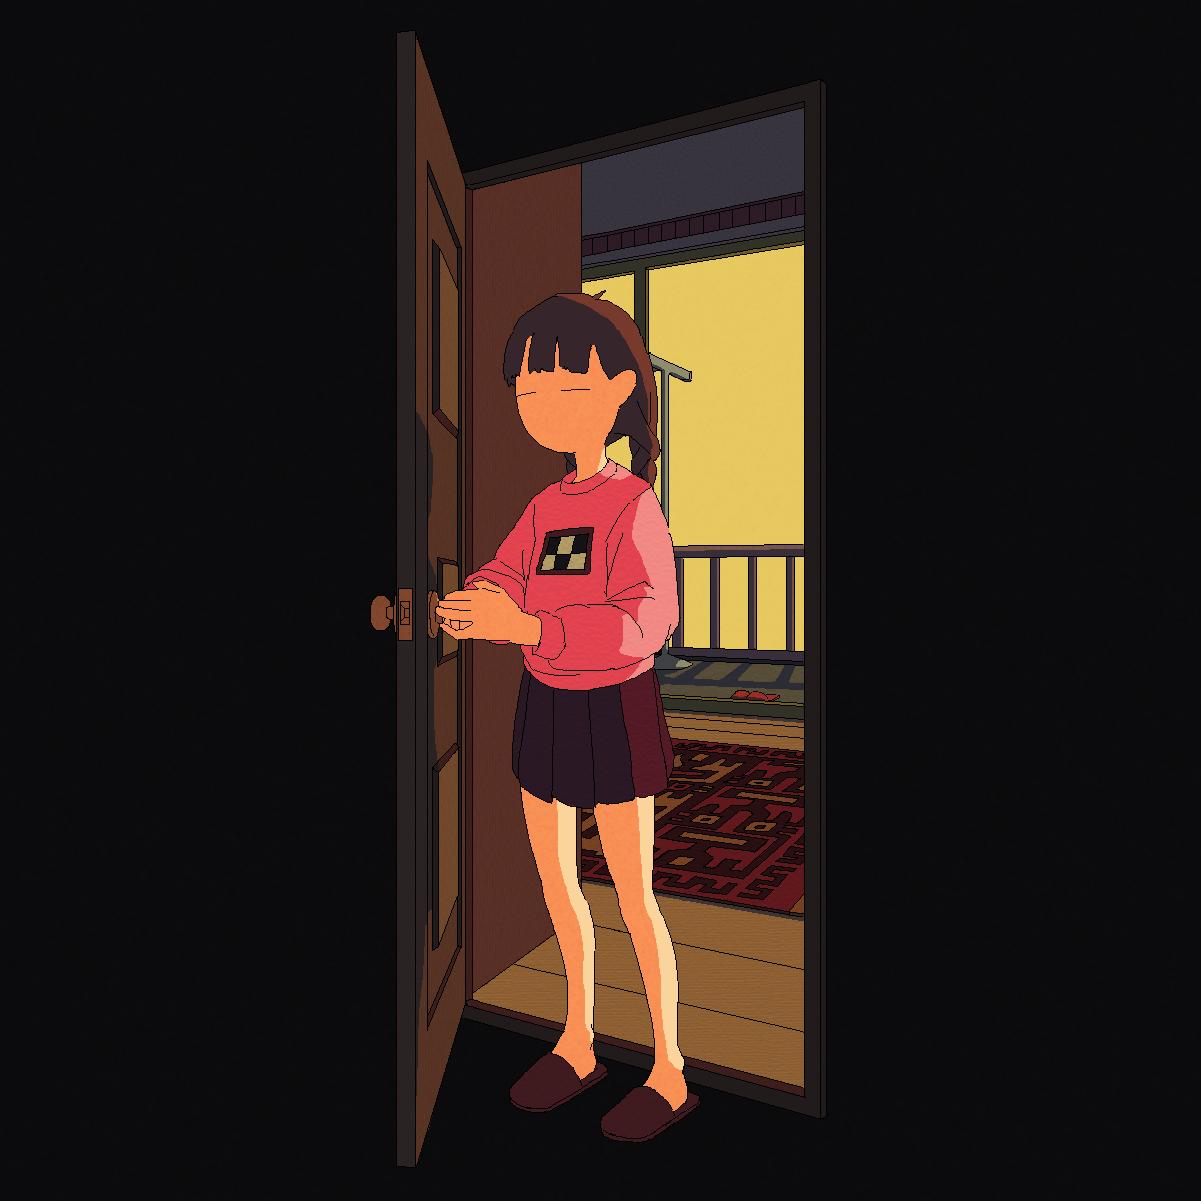 Madotsuki opening her room's door